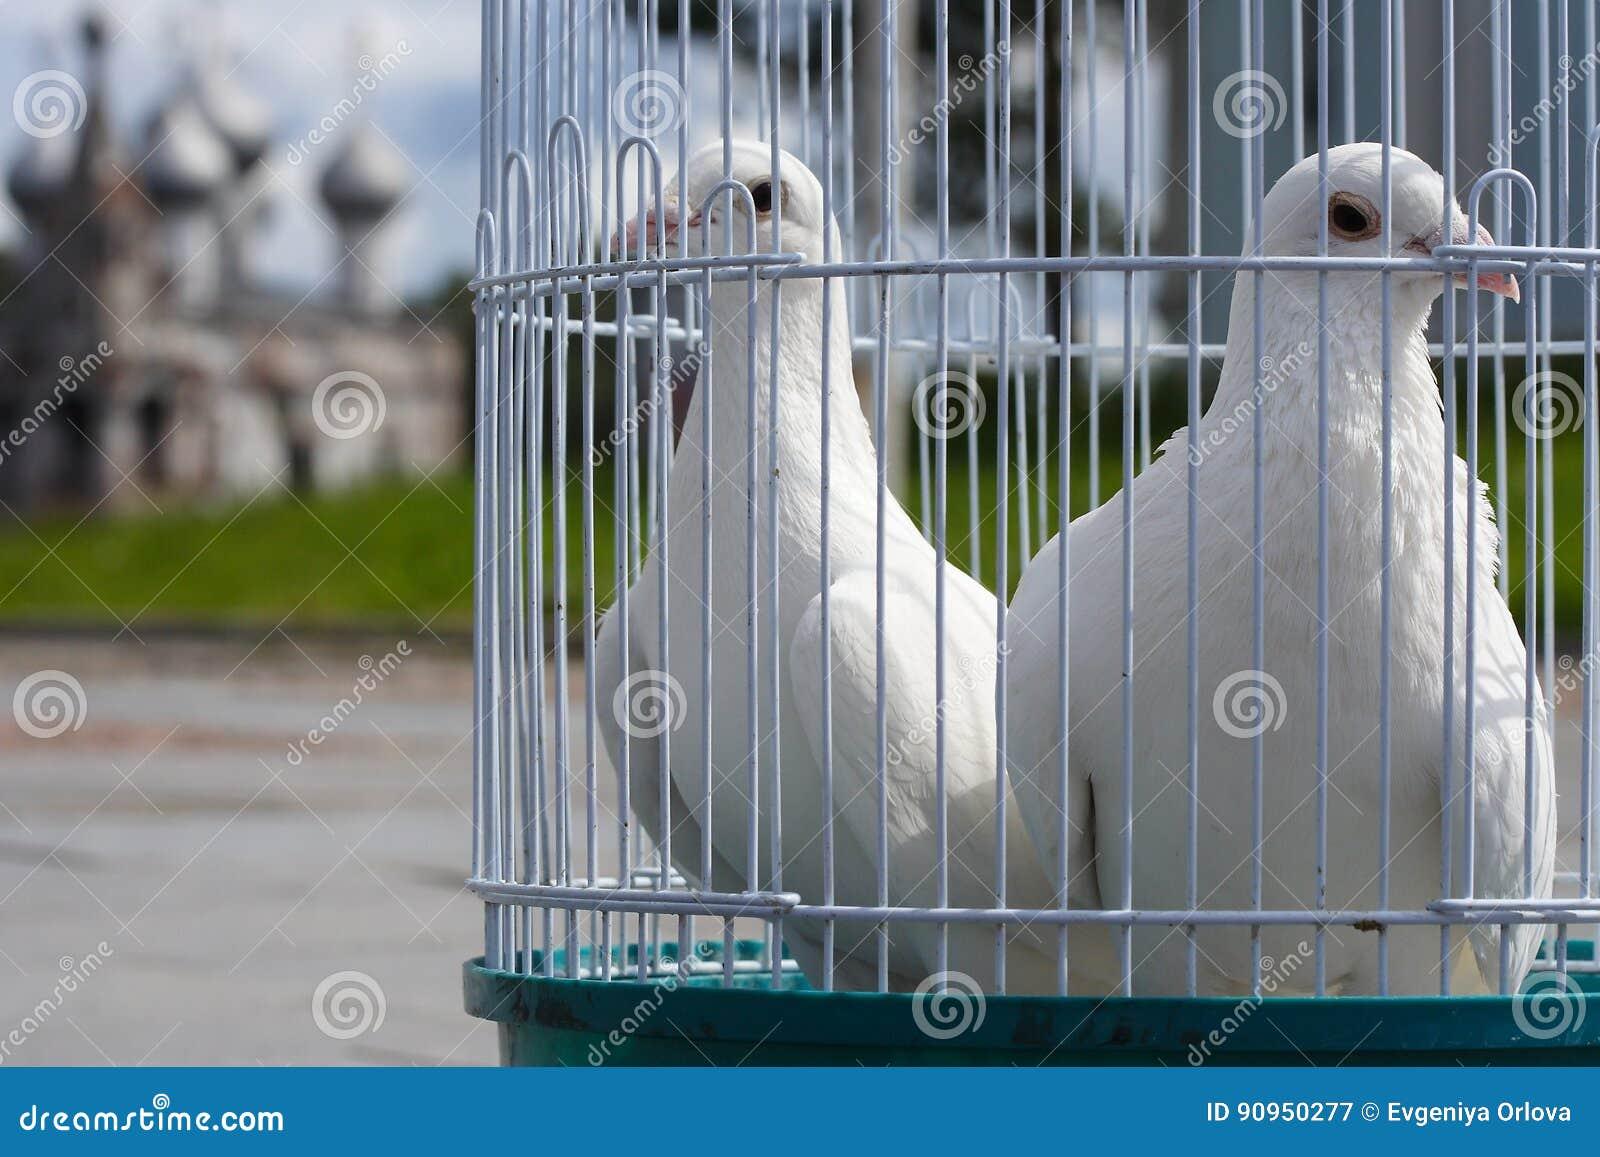 Colombe Bianche Per Le Nozze In Un Birdcage Uccello Bianco In Una